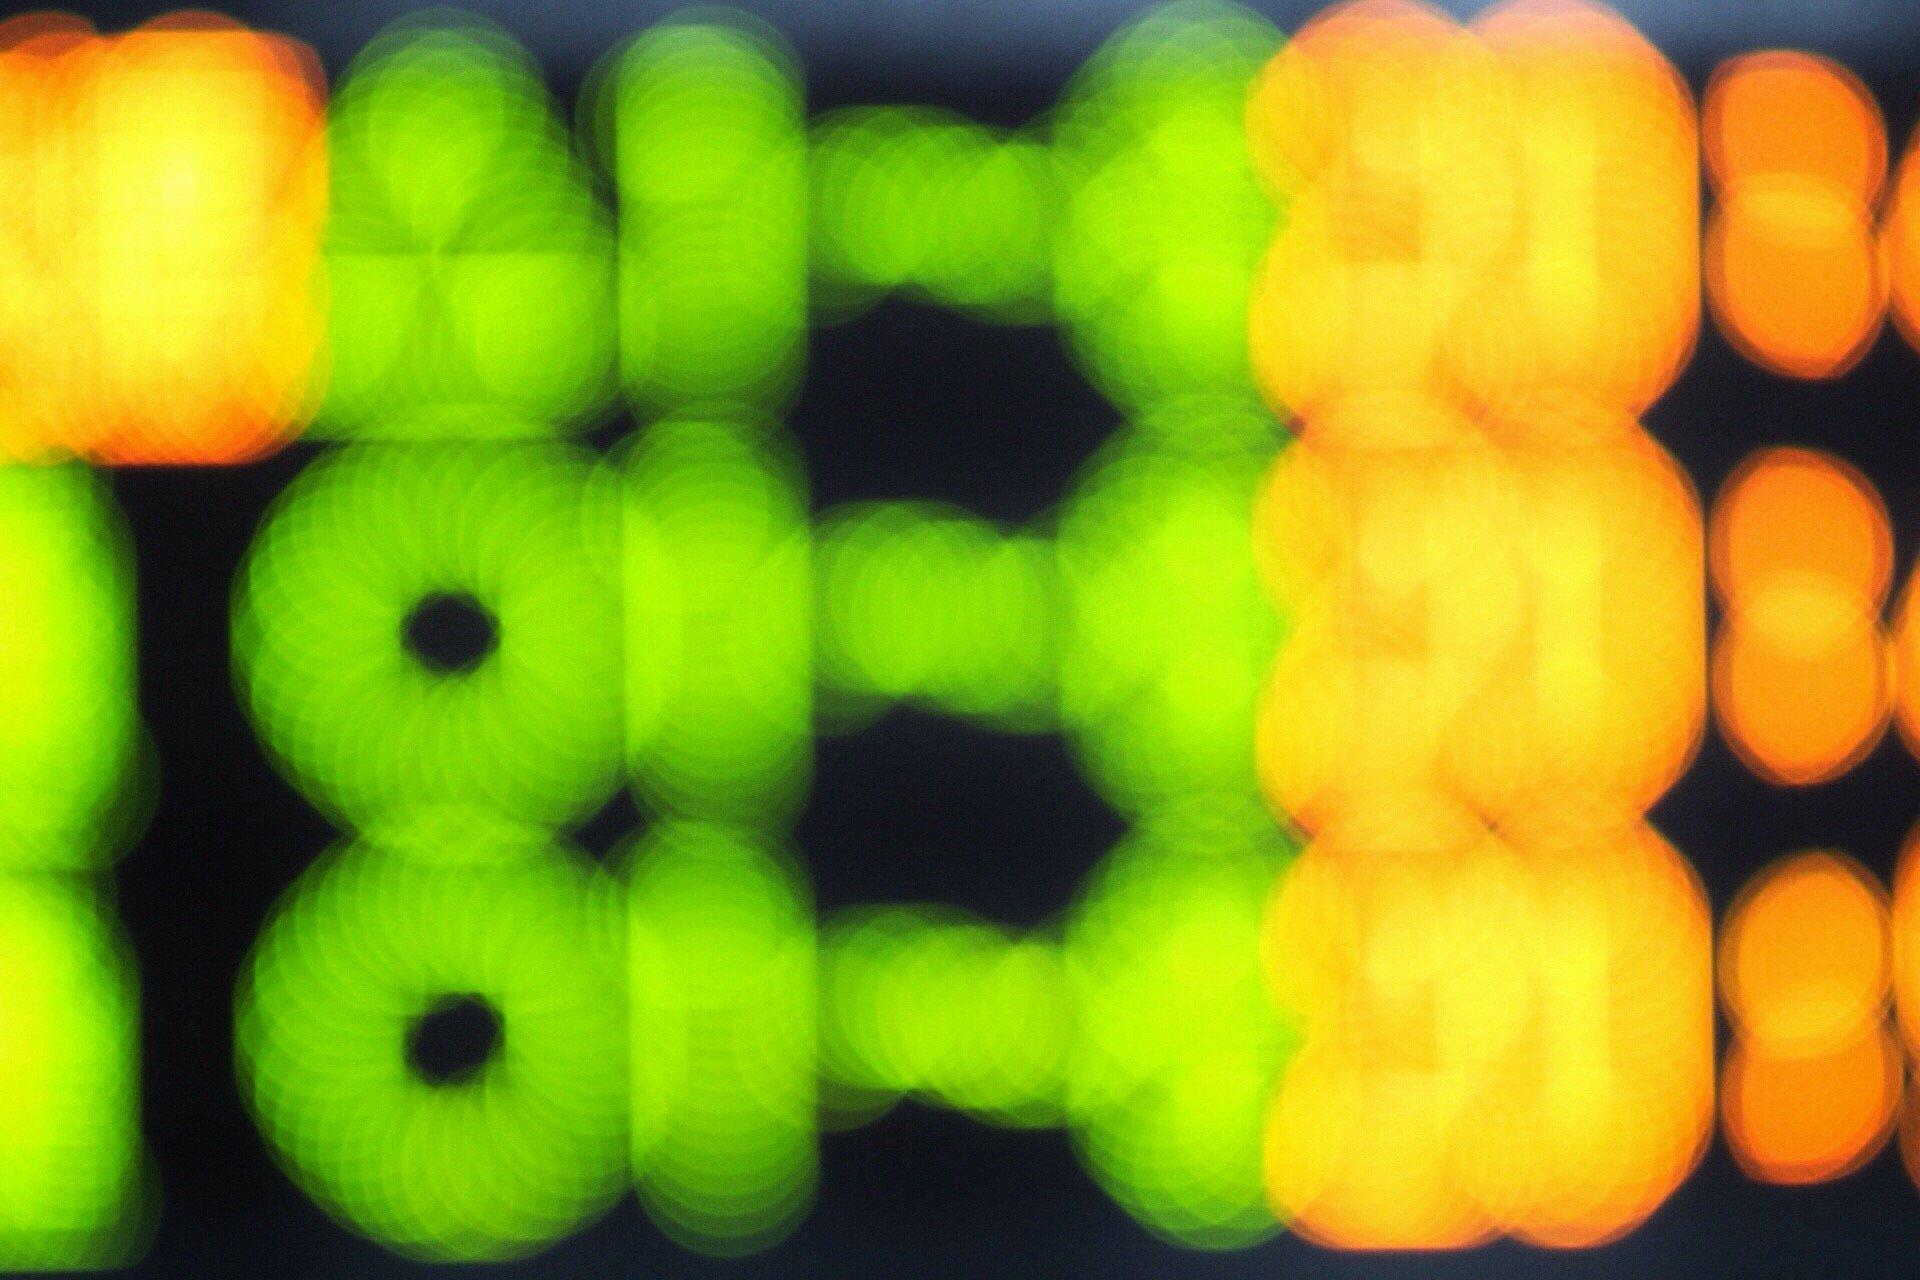 lens-blur-osaka-station-kasuma-fotografie-blog